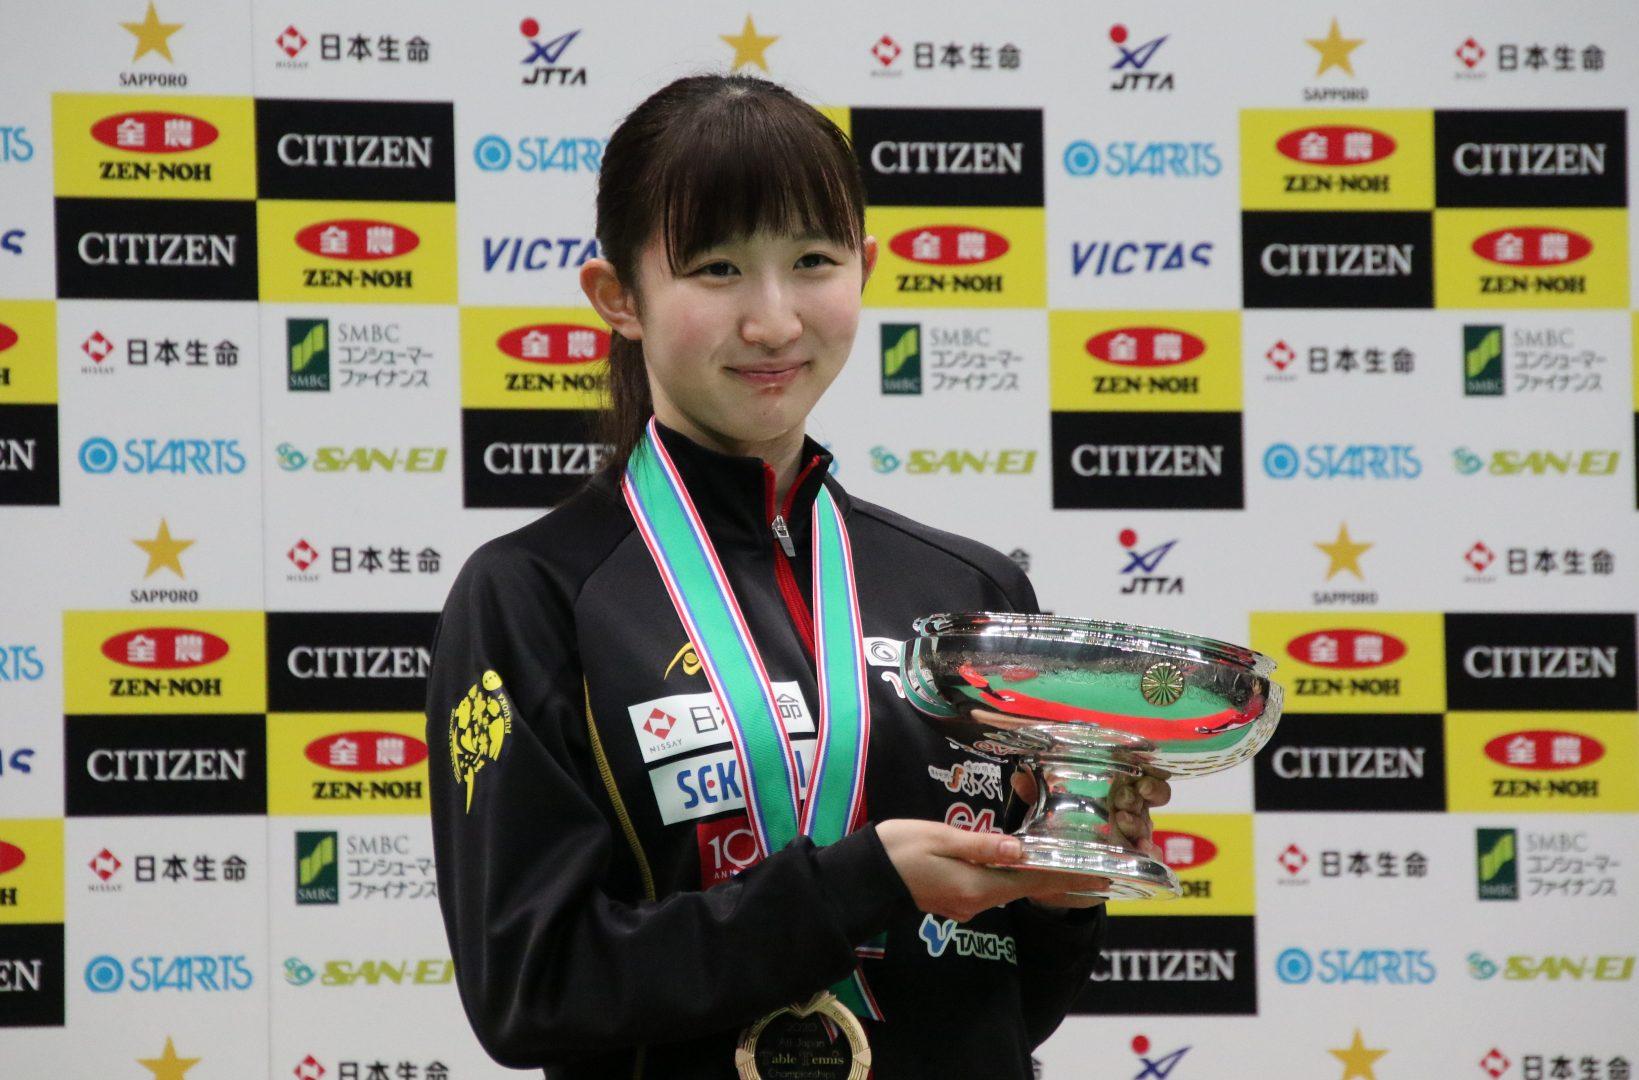 【今週の日本の卓球】令和初の全日本卓球選手権 男女単で10代選手が初優勝